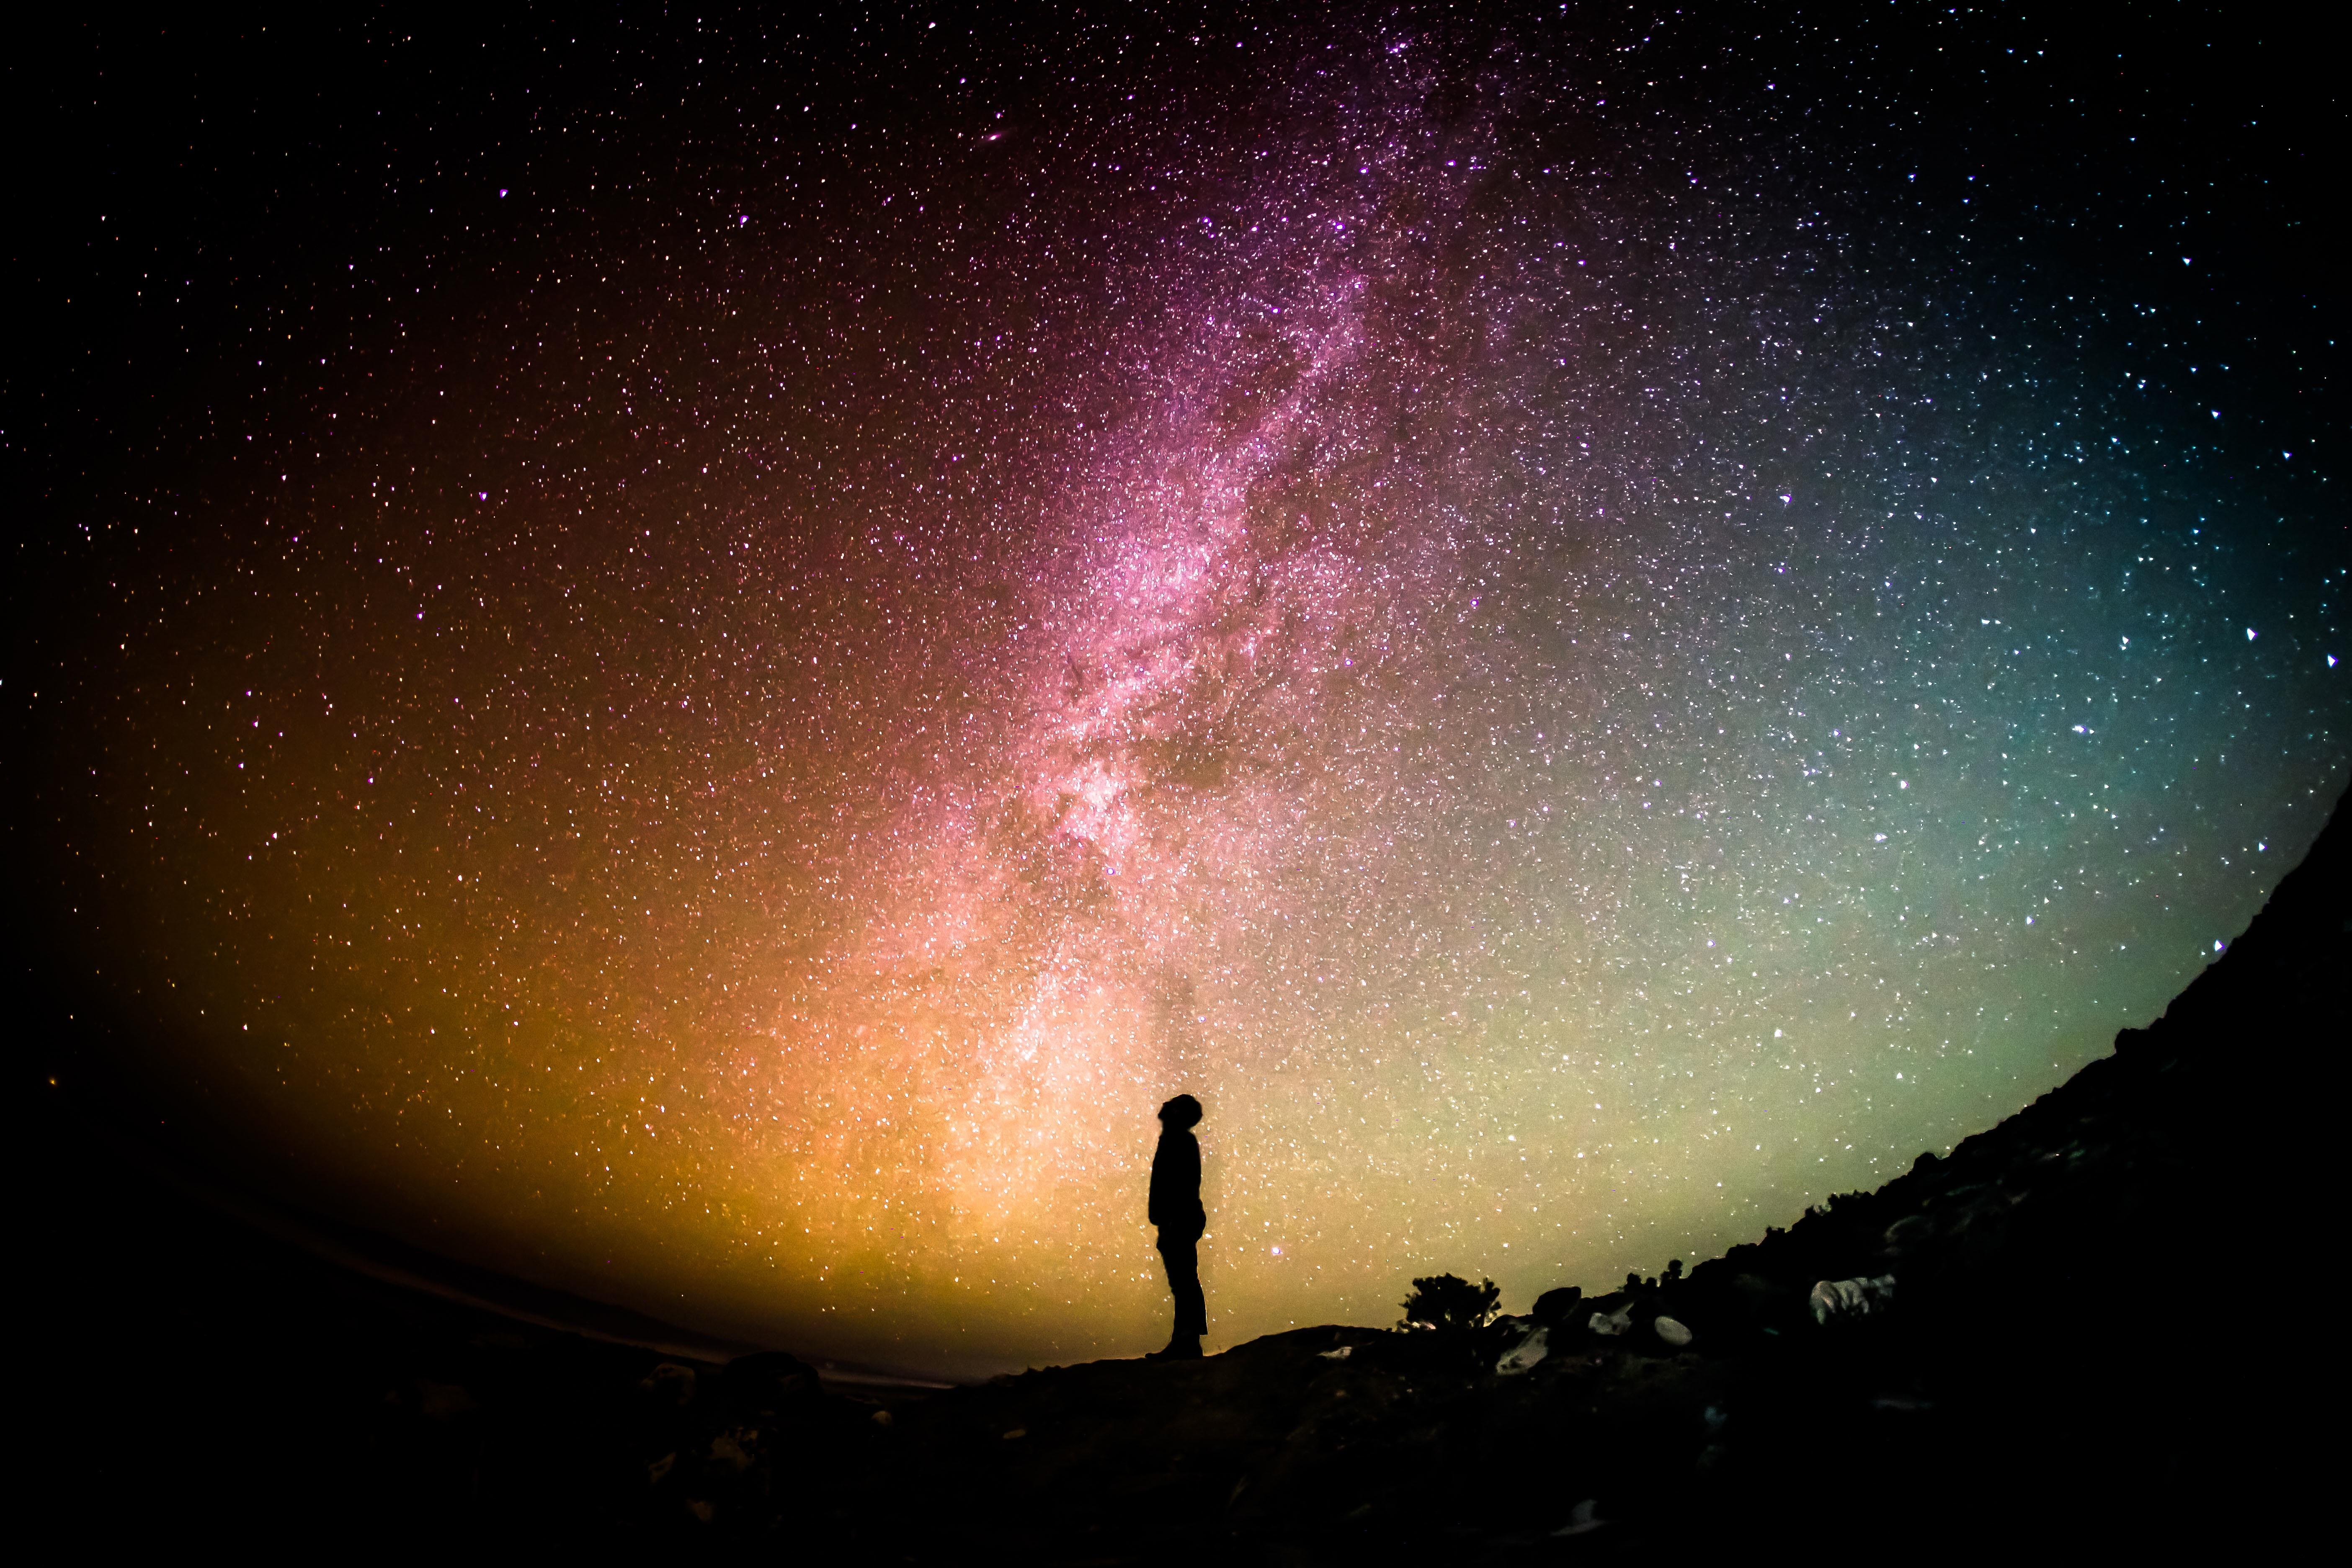 Лучшие картинки звезд